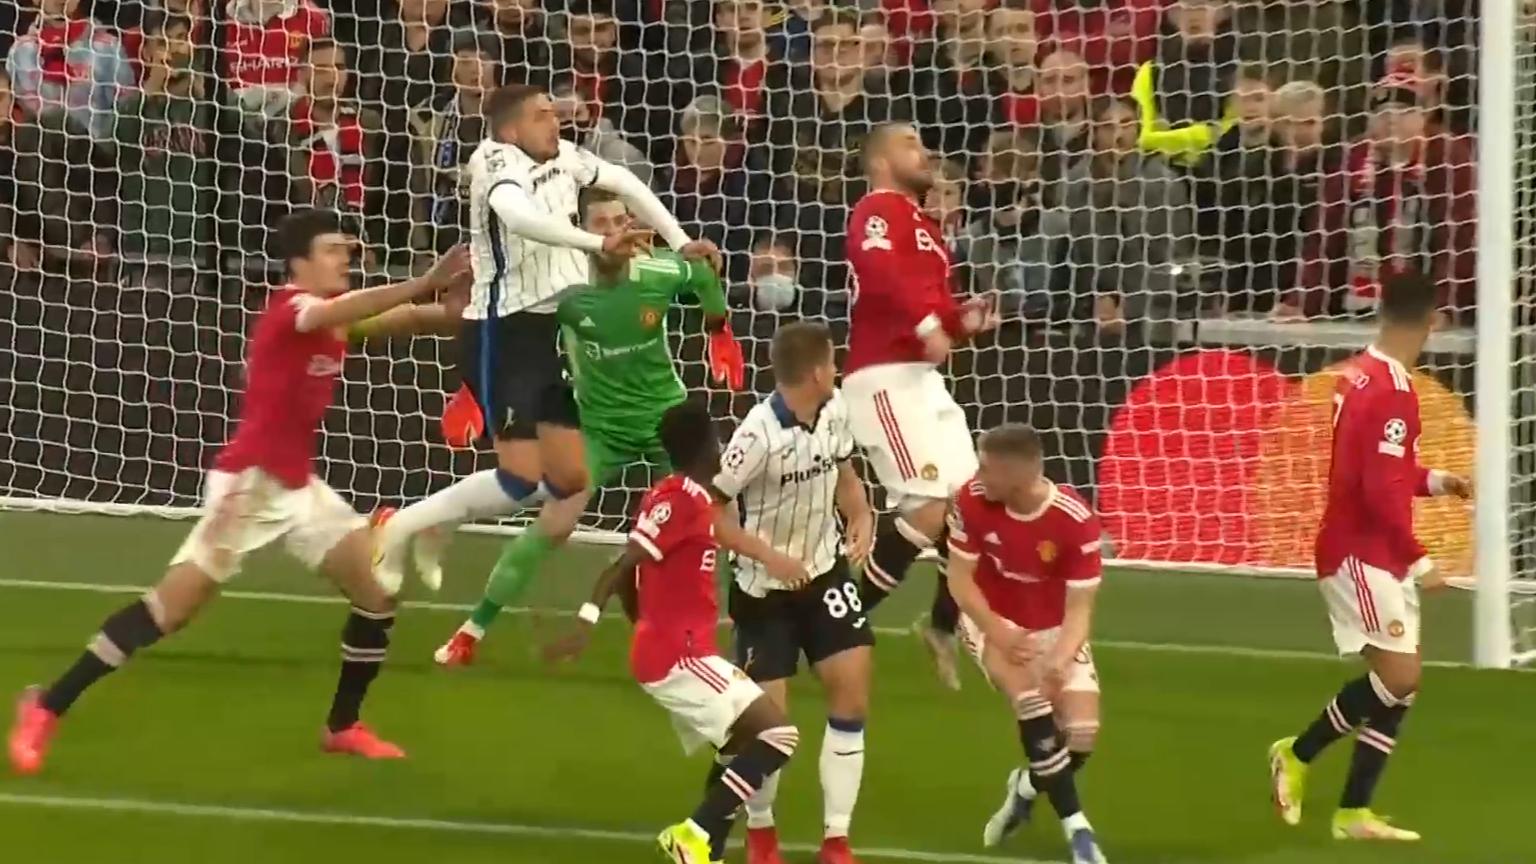 Champions League highlights: Manchester United vs Atalanta